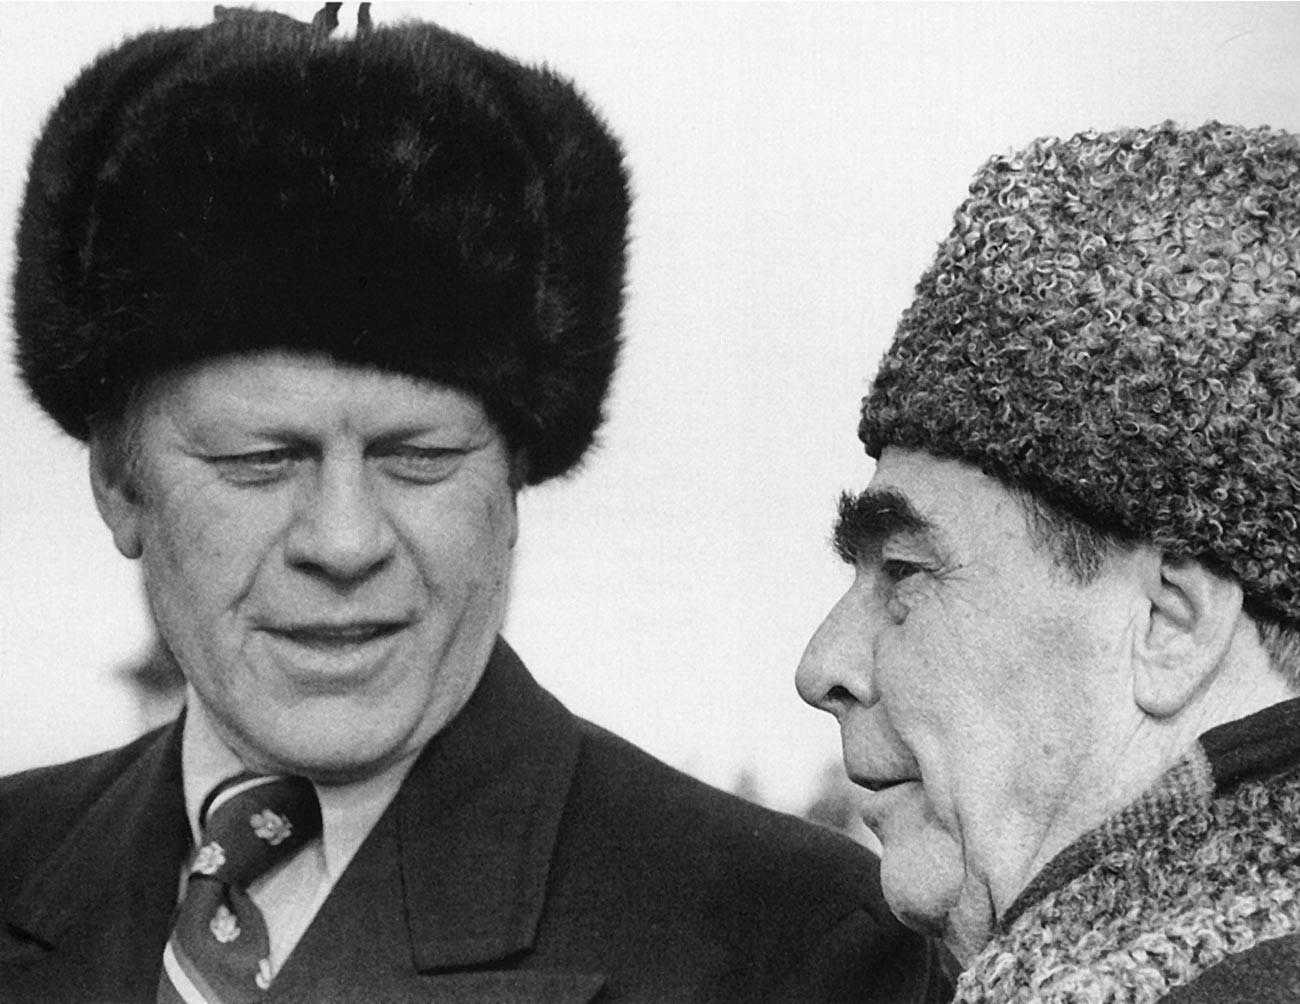 Le président américain Gerald Ford rencontrant le dirigeant soviétique Leonid Brejnev, 1974